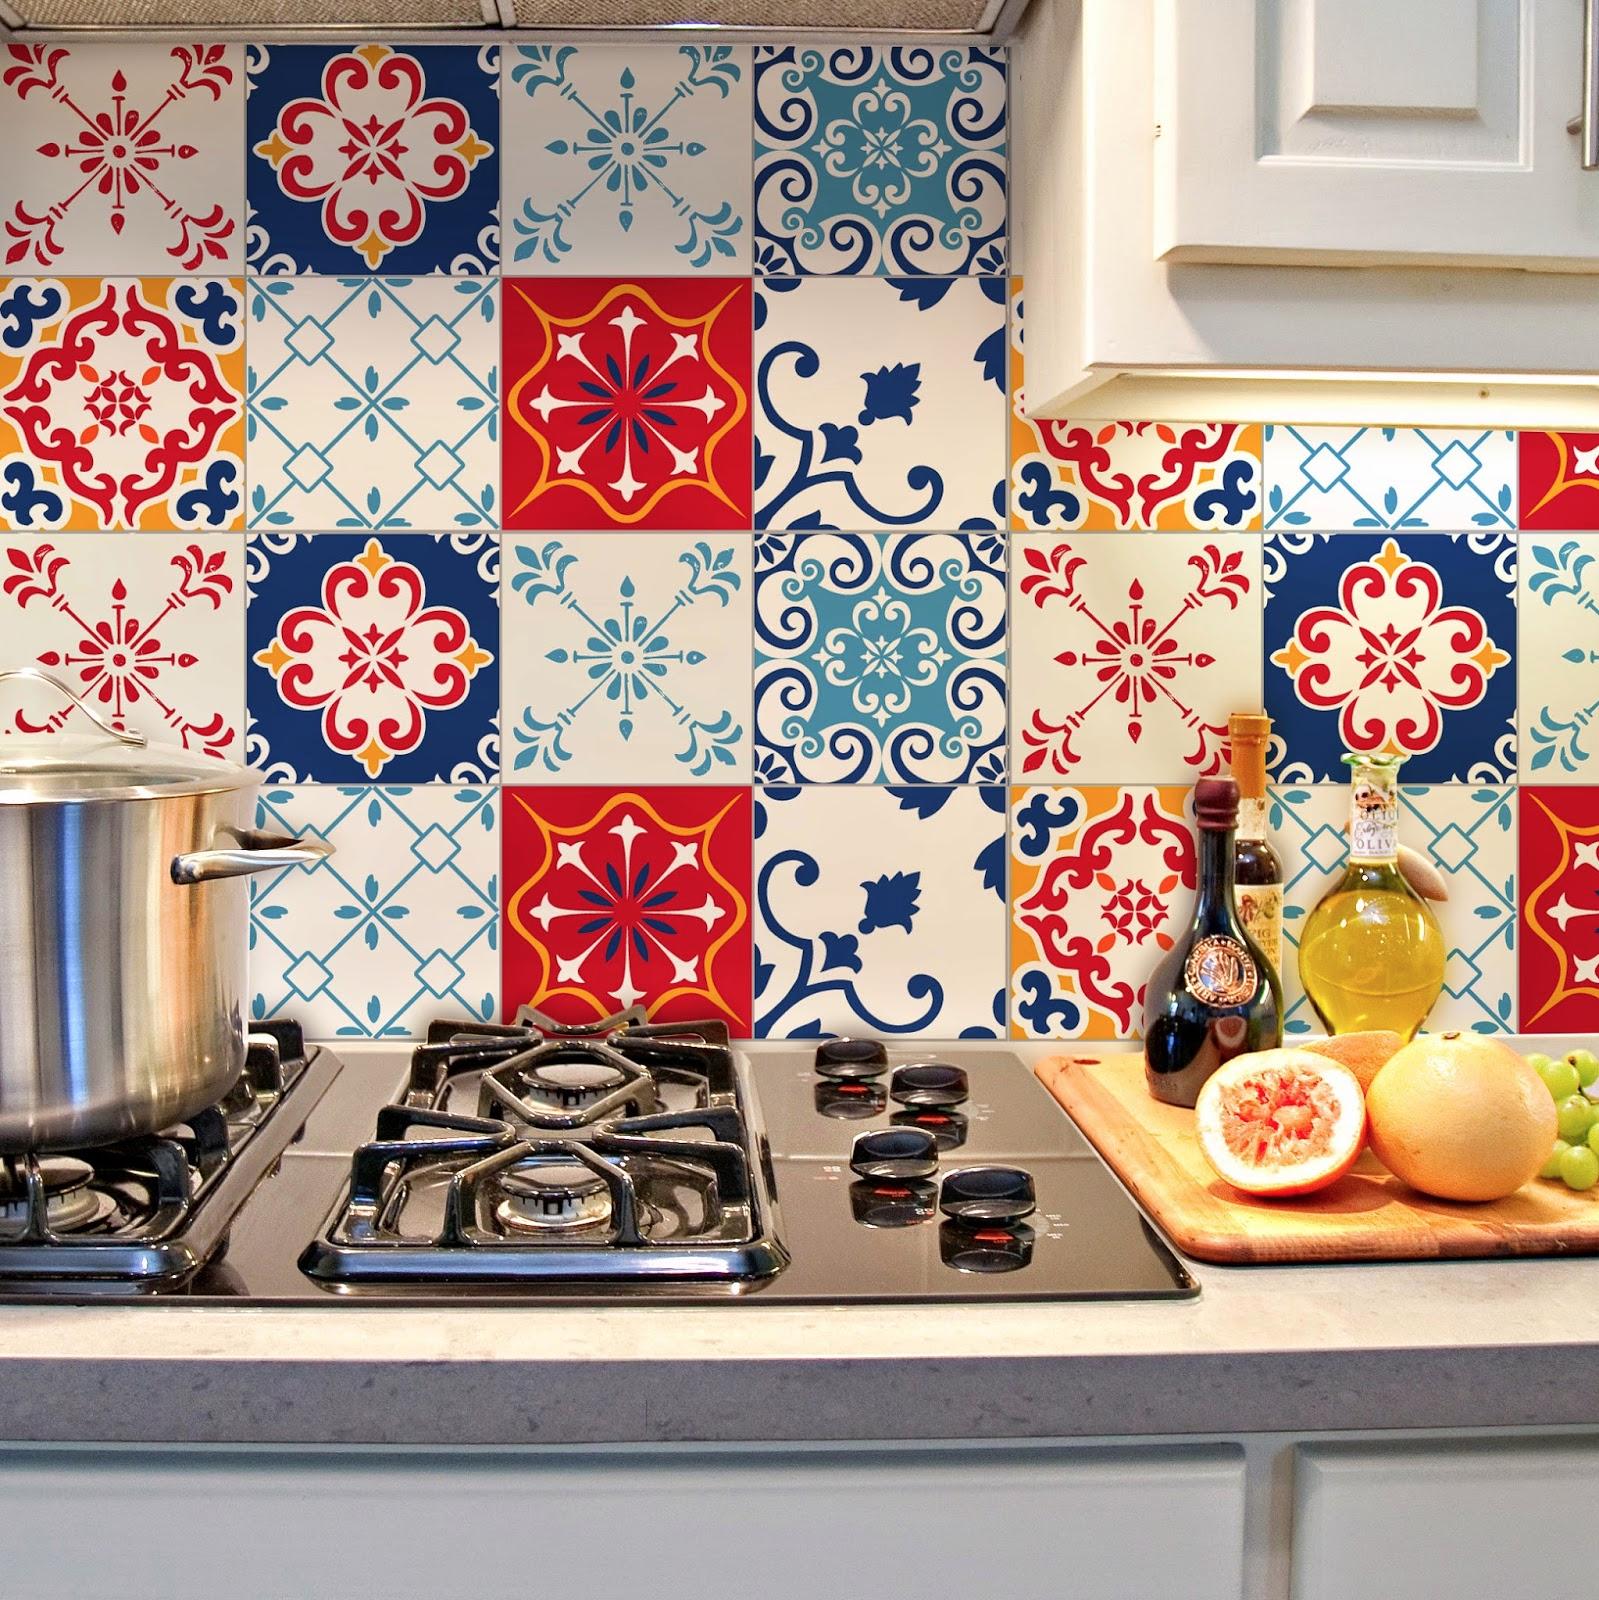 https://www.artmaison.com.br/blog/wp-content/uploads/2016/01/Cozinhas-Decoradas-com-Azulejos-Coloridos.jpg